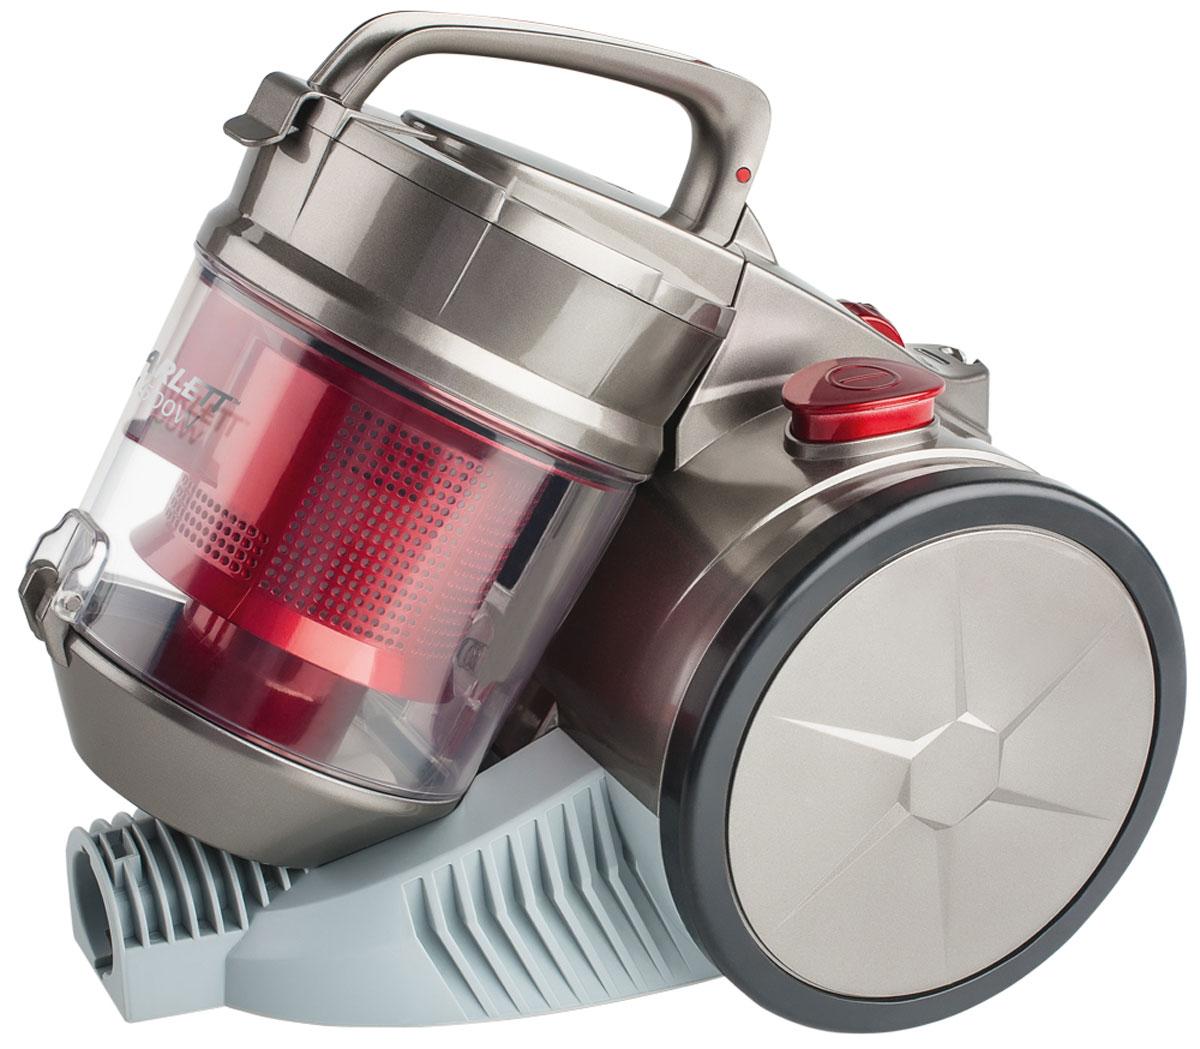 Scarlett SC-VC80C04 пылесосSC-VC80C04Компактный размер (310 х 290 мм) и легкий вес пылесоса Scarlett SC-VC80C04 позволяют использовать его для уборки комнат, лестниц в доме, а так же уборки машин. Оснащен большим контейнером для сбора пыли. Такой пылесборник легко очистить - достаточно просто высыпать содержимое в мусорное ведро. Система Мультициклон обеспечивает максимальную мощность всасывания в процессе уборки.Как выбрать пылесос. Статья OZON Гид